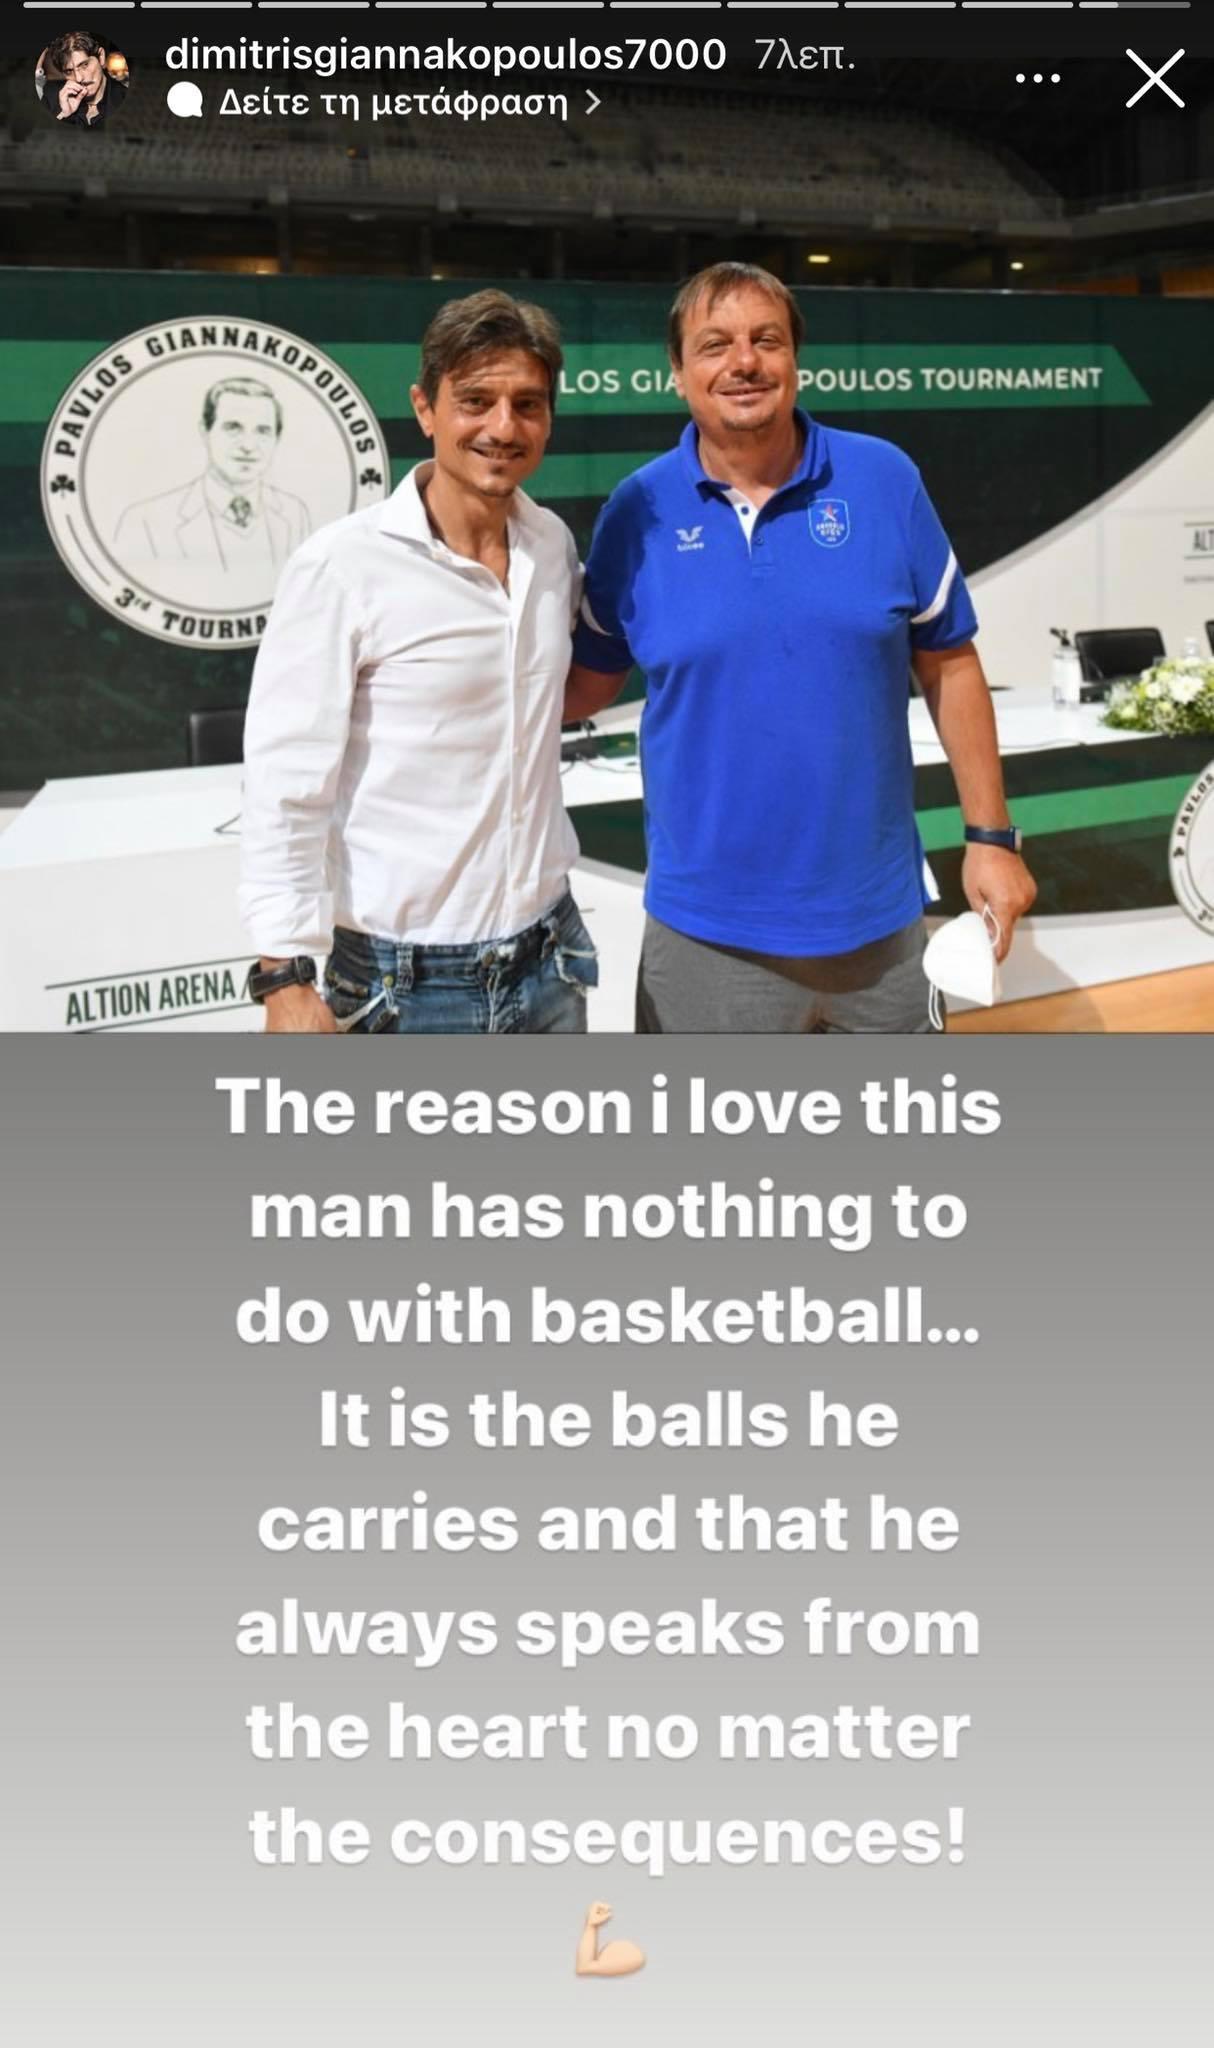 Γιαννακόπουλος για Αταμάν: «Έχει τις μπ@λες να μιλάει πάντα μέσα από την καρδιά του!» (pic)